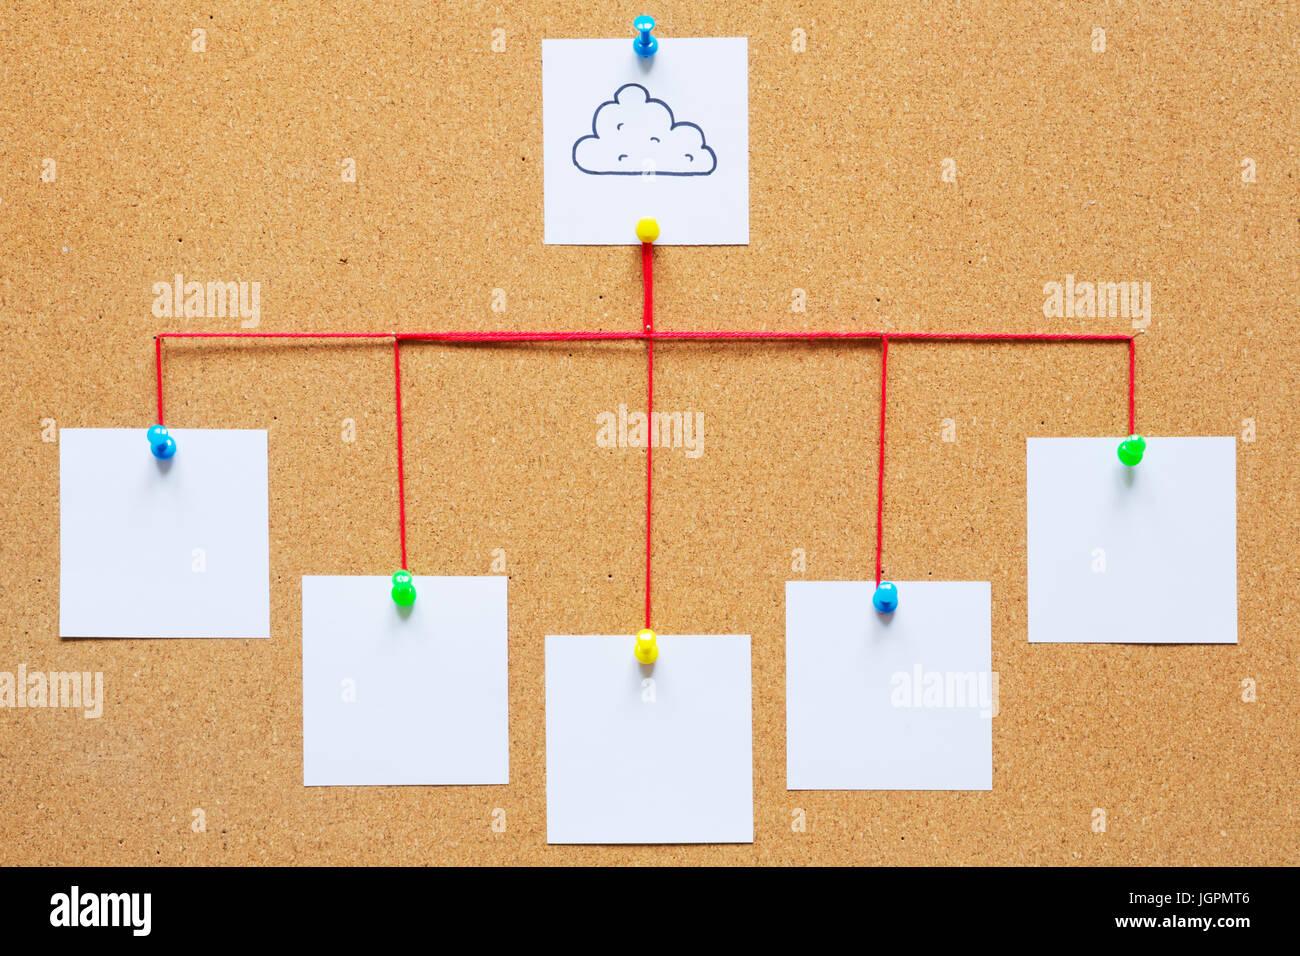 Visualizzazione del cloud computing su un tappo di sughero bulletin board. Immagini Stock